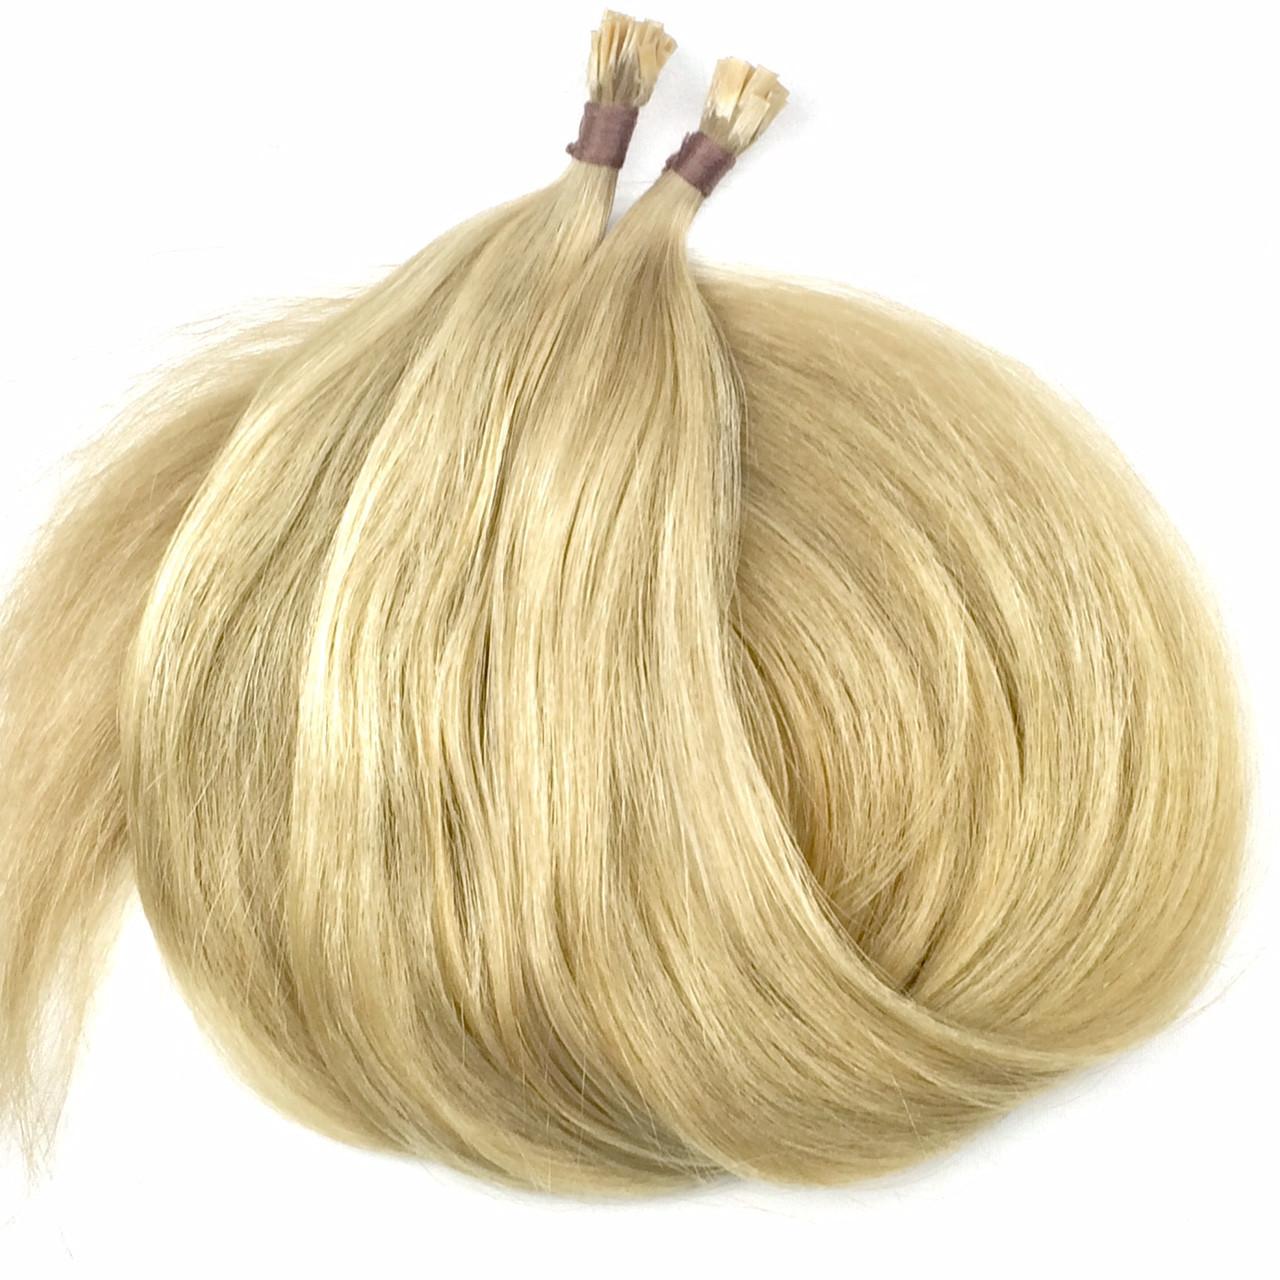 Славянские волосы на капсулах 80 см. Цвет #Холодный блонд, фото 1